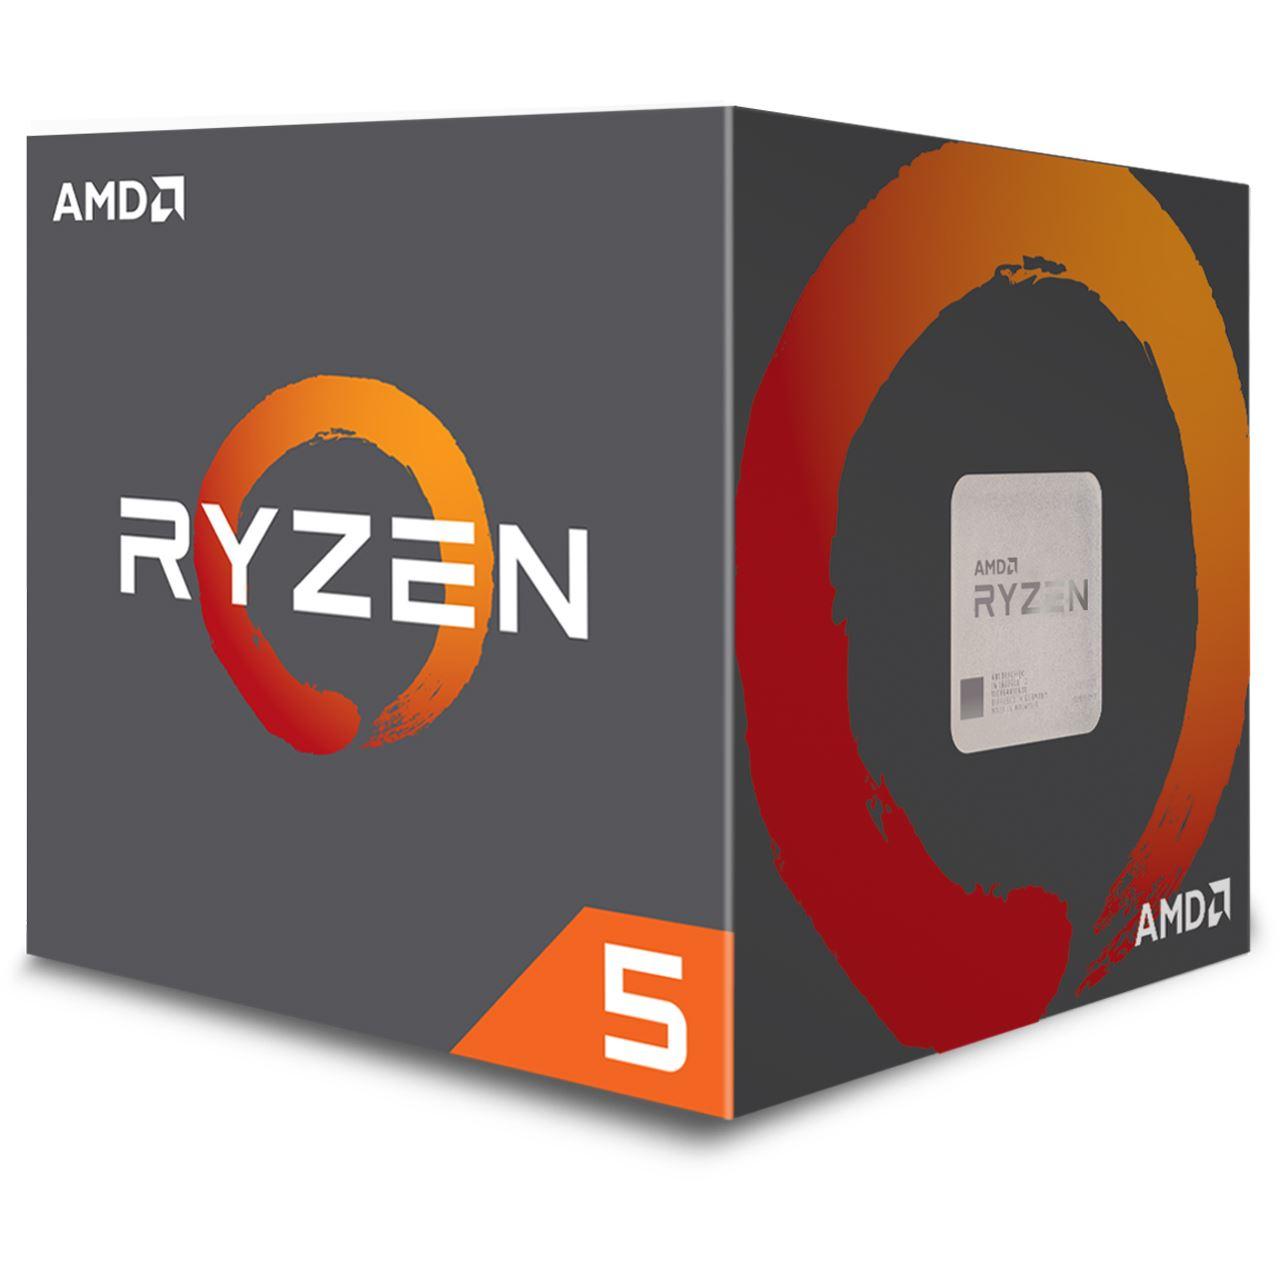 [Compuland] AMD Ryzen 5 1600 194,17 €, (Ryzen 7 1700 285,19 €) + VSK usw.